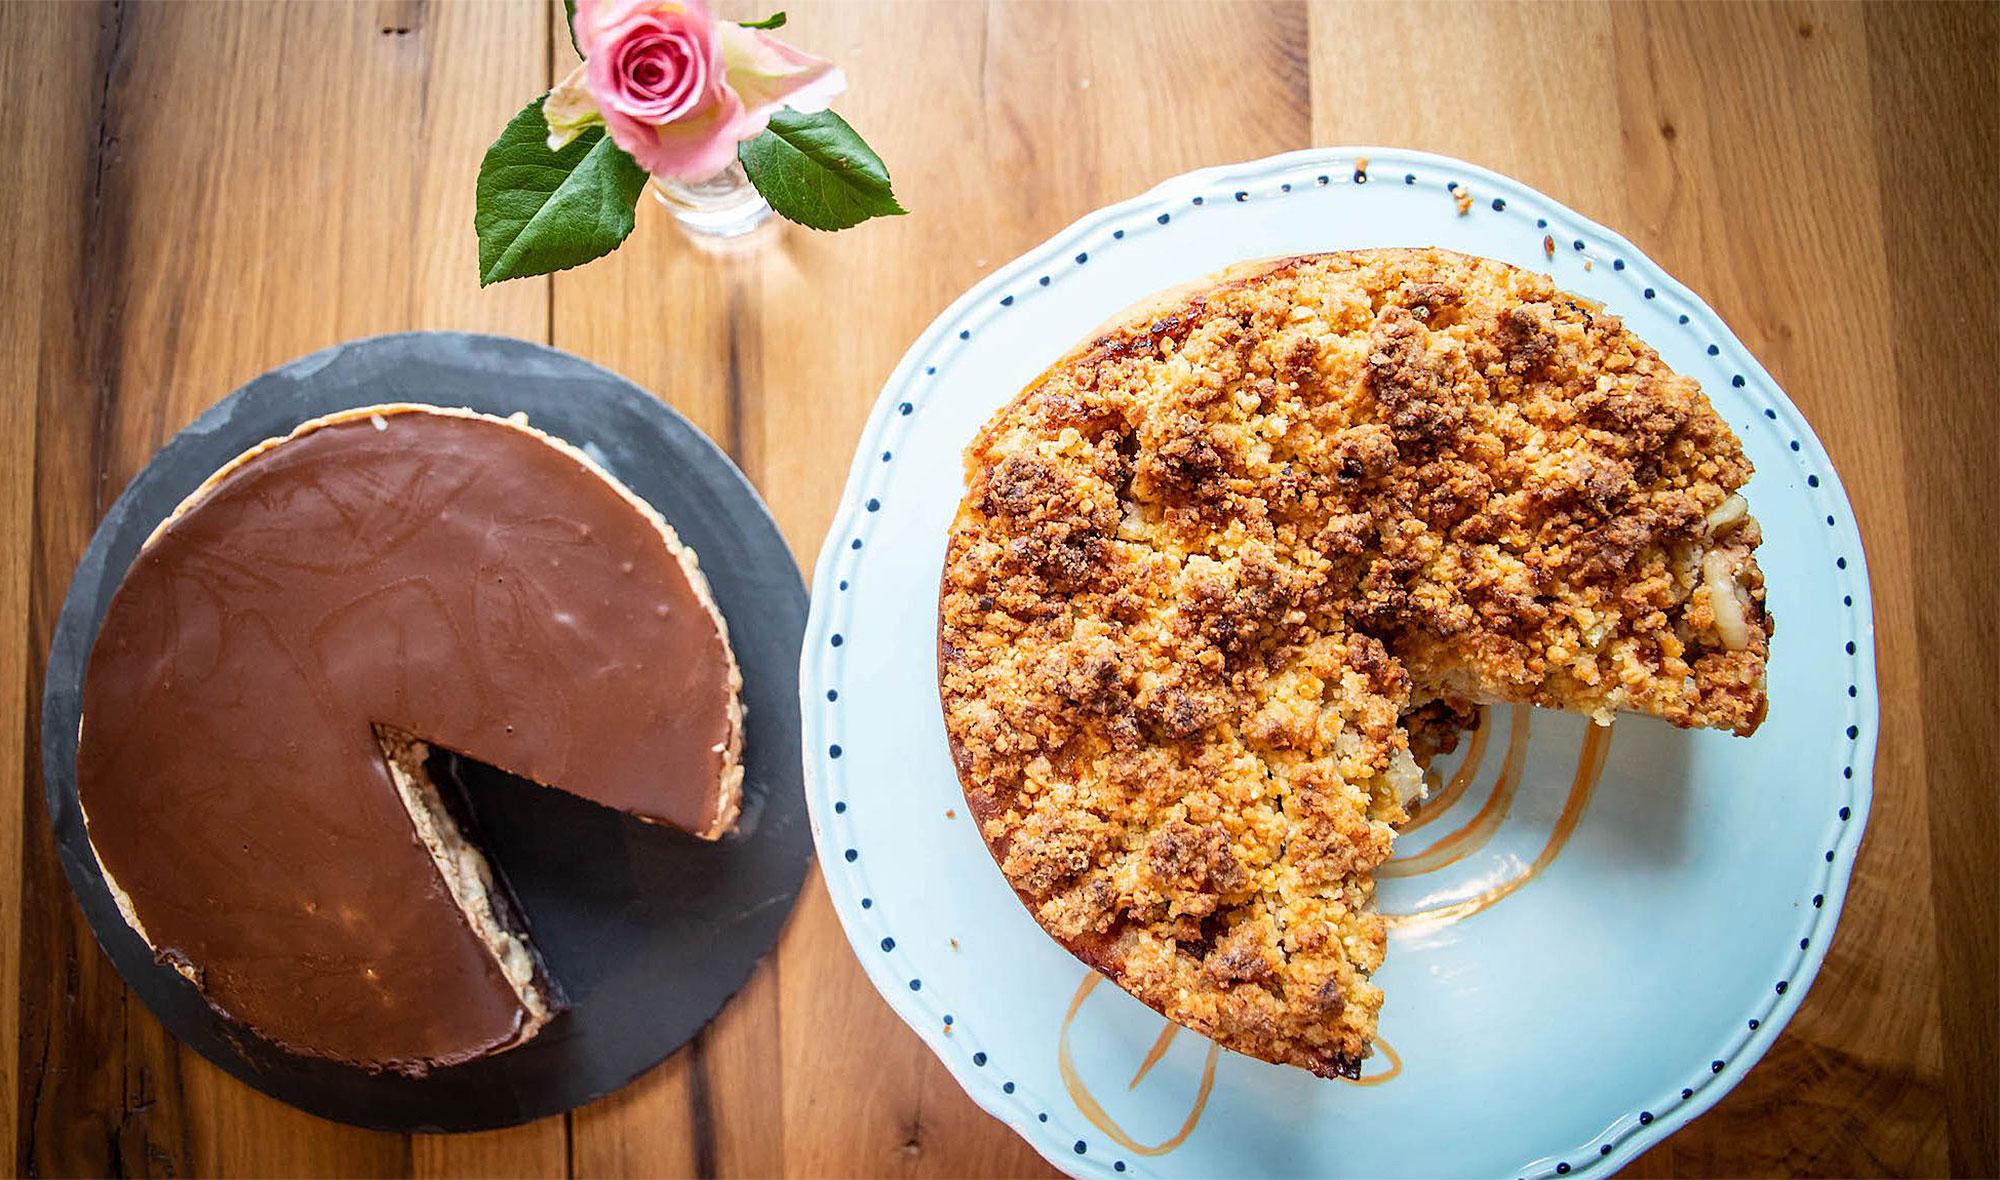 Hier gibt es unter anderem leckere Kuchen zu genießen